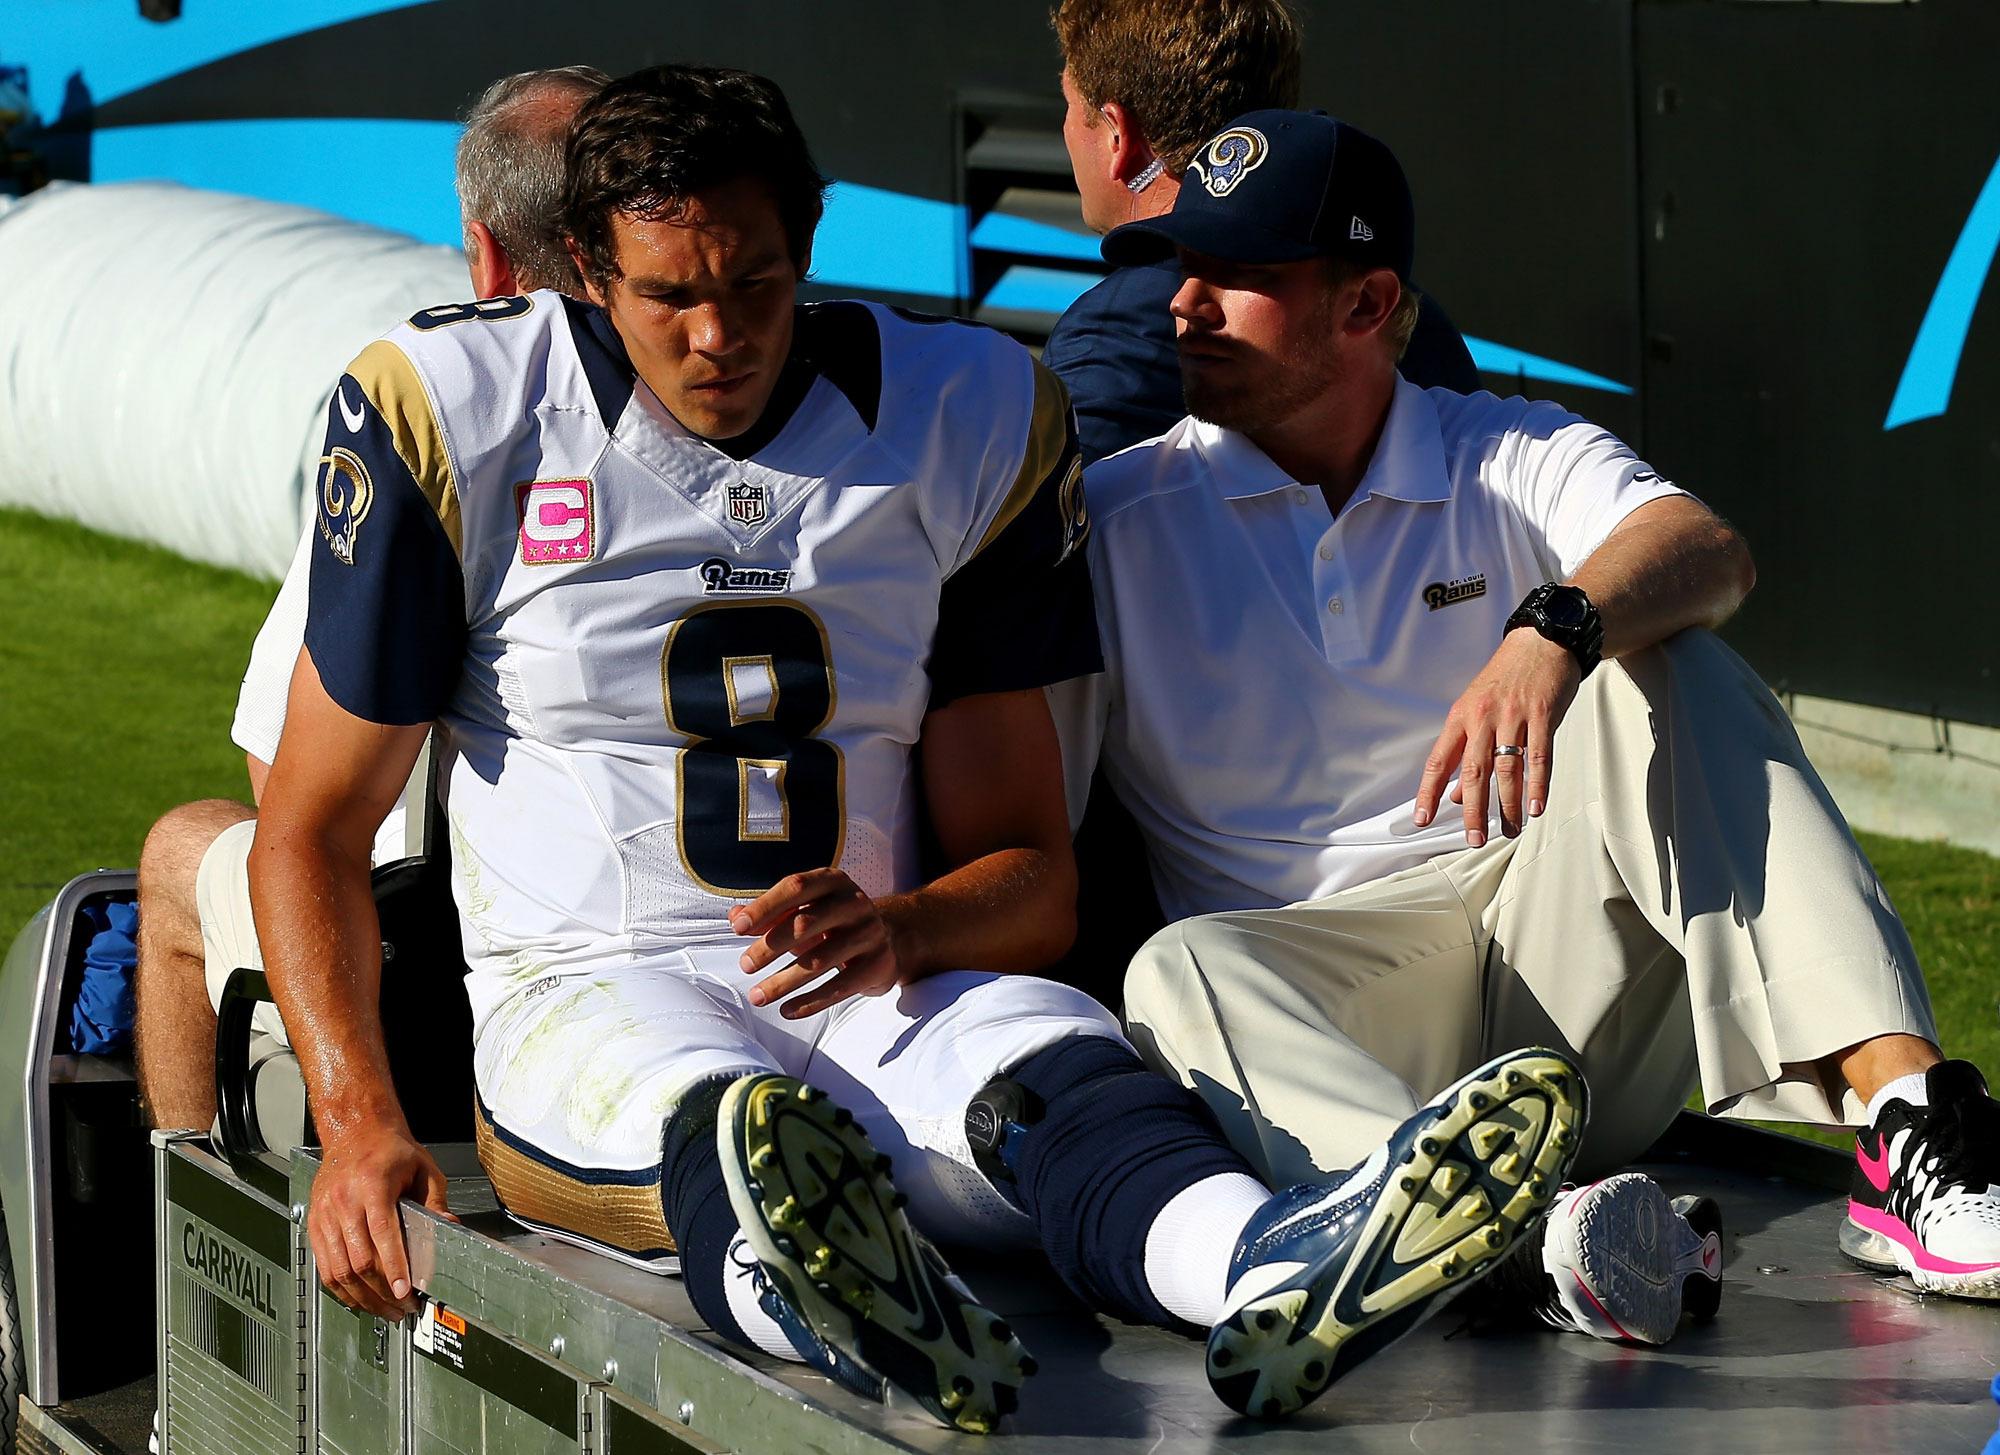 Most frustrating NFL players | Yardbarker.com